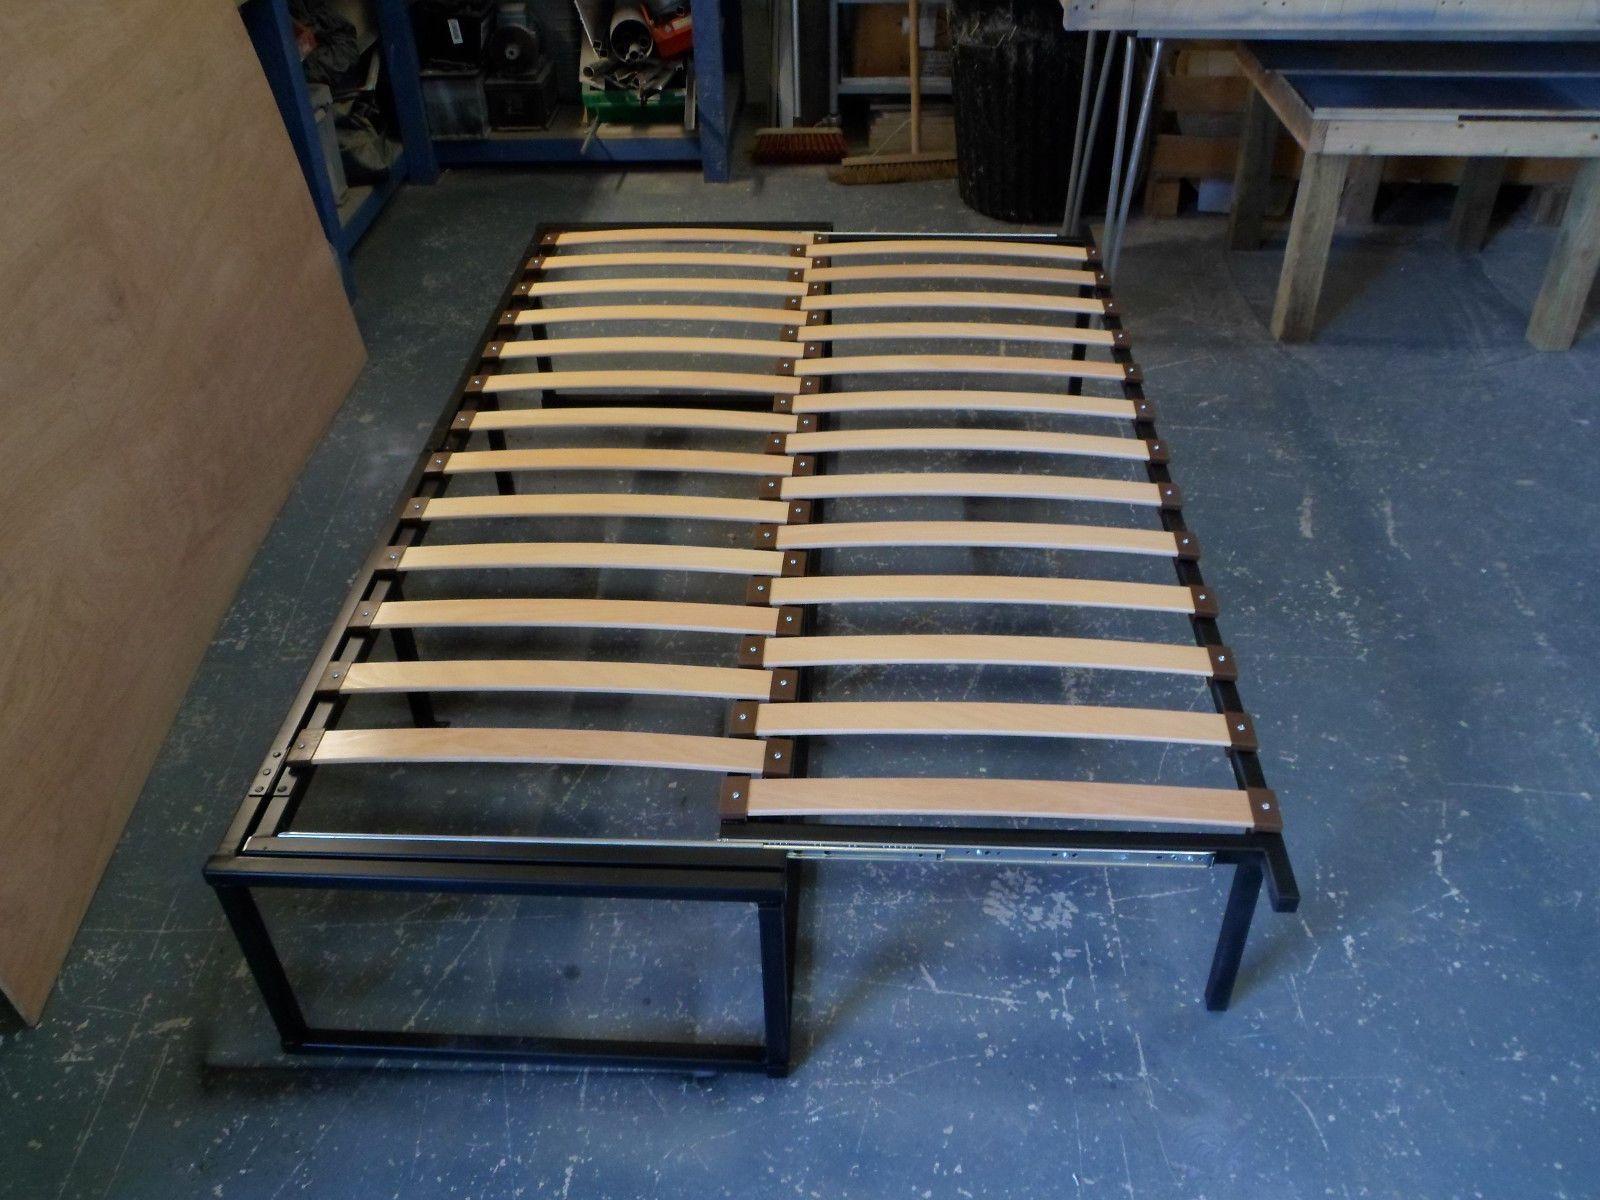 Best Campervan Camper Motorhome Side Sliding Bed Seat Not Rock 400 x 300